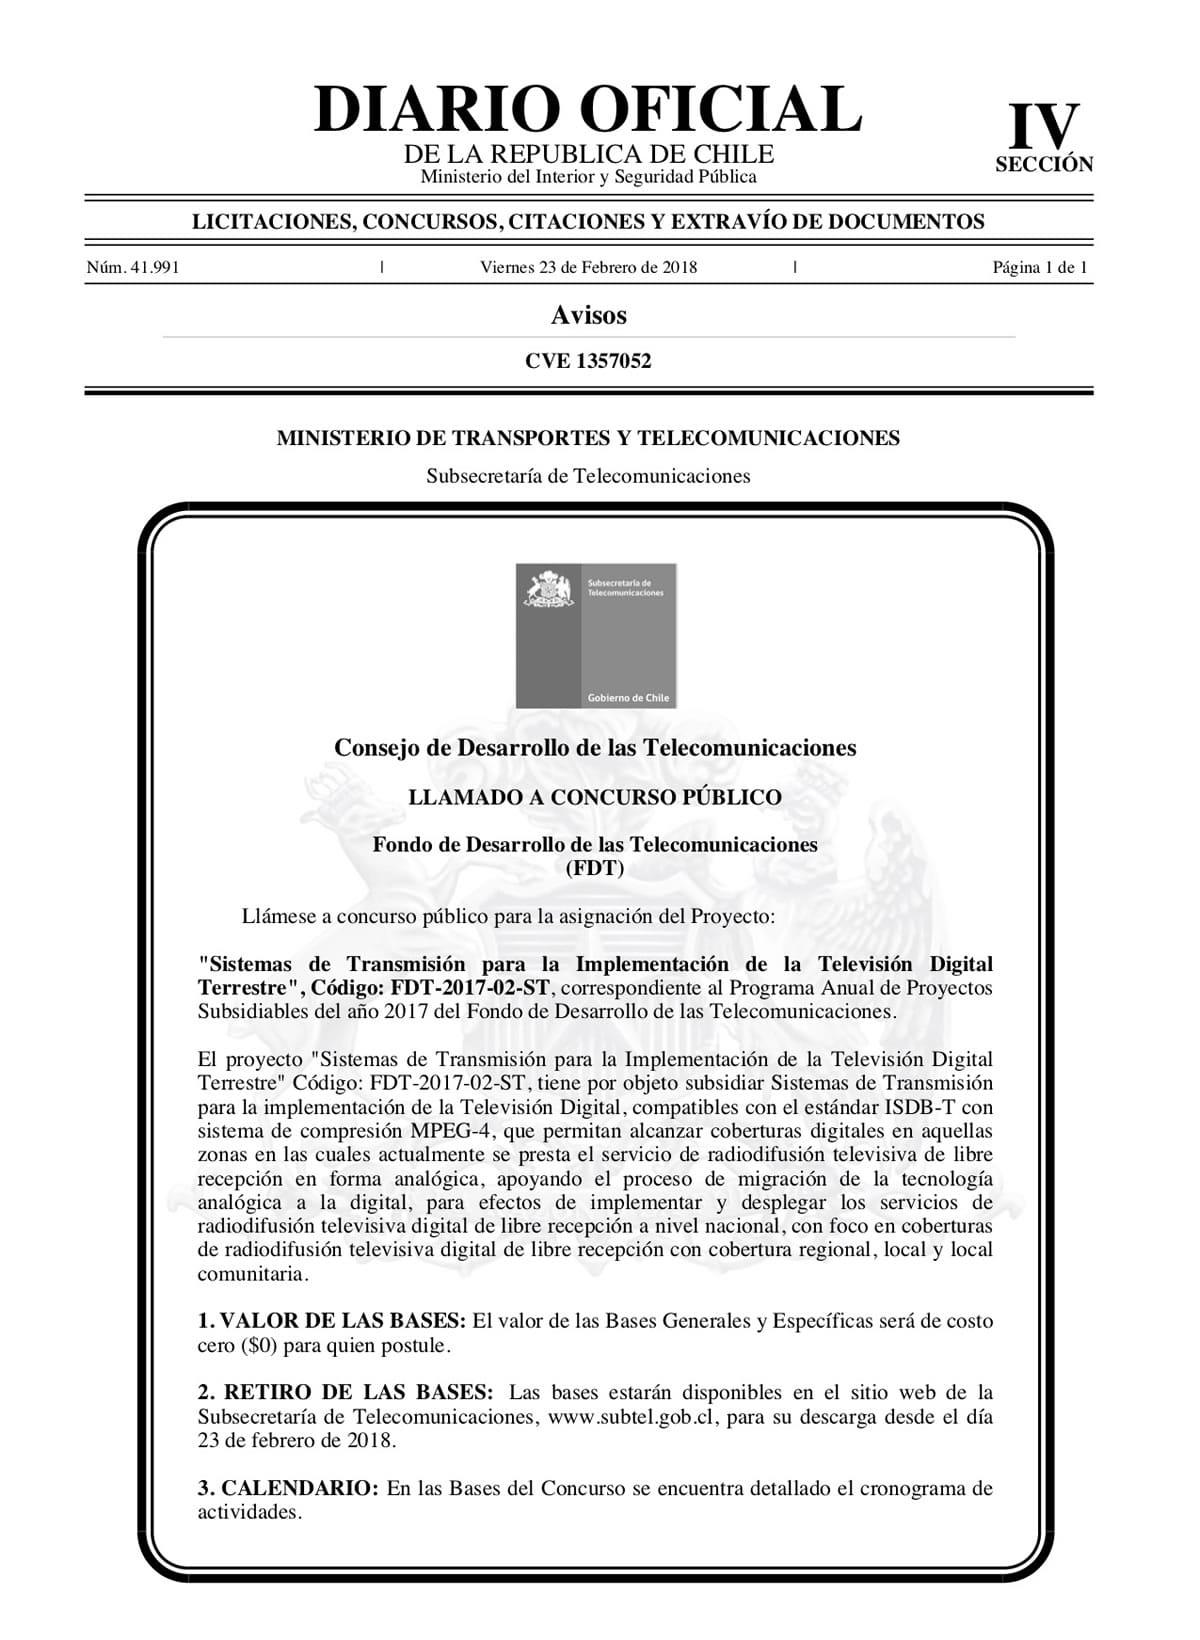 Se inicia concurso público para subsidiar a canales regionales por TVD